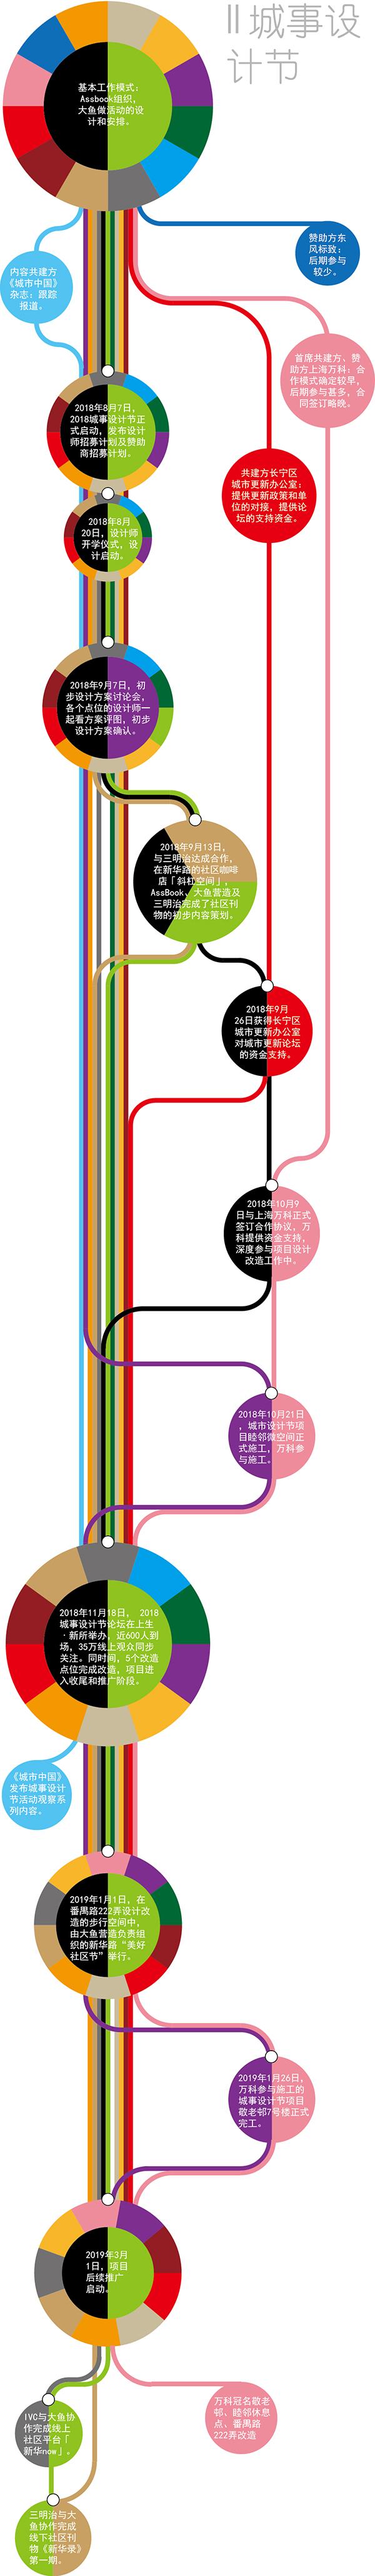 社区更新·展|上海大鱼营造④:一场城事设计节的来龙去脉